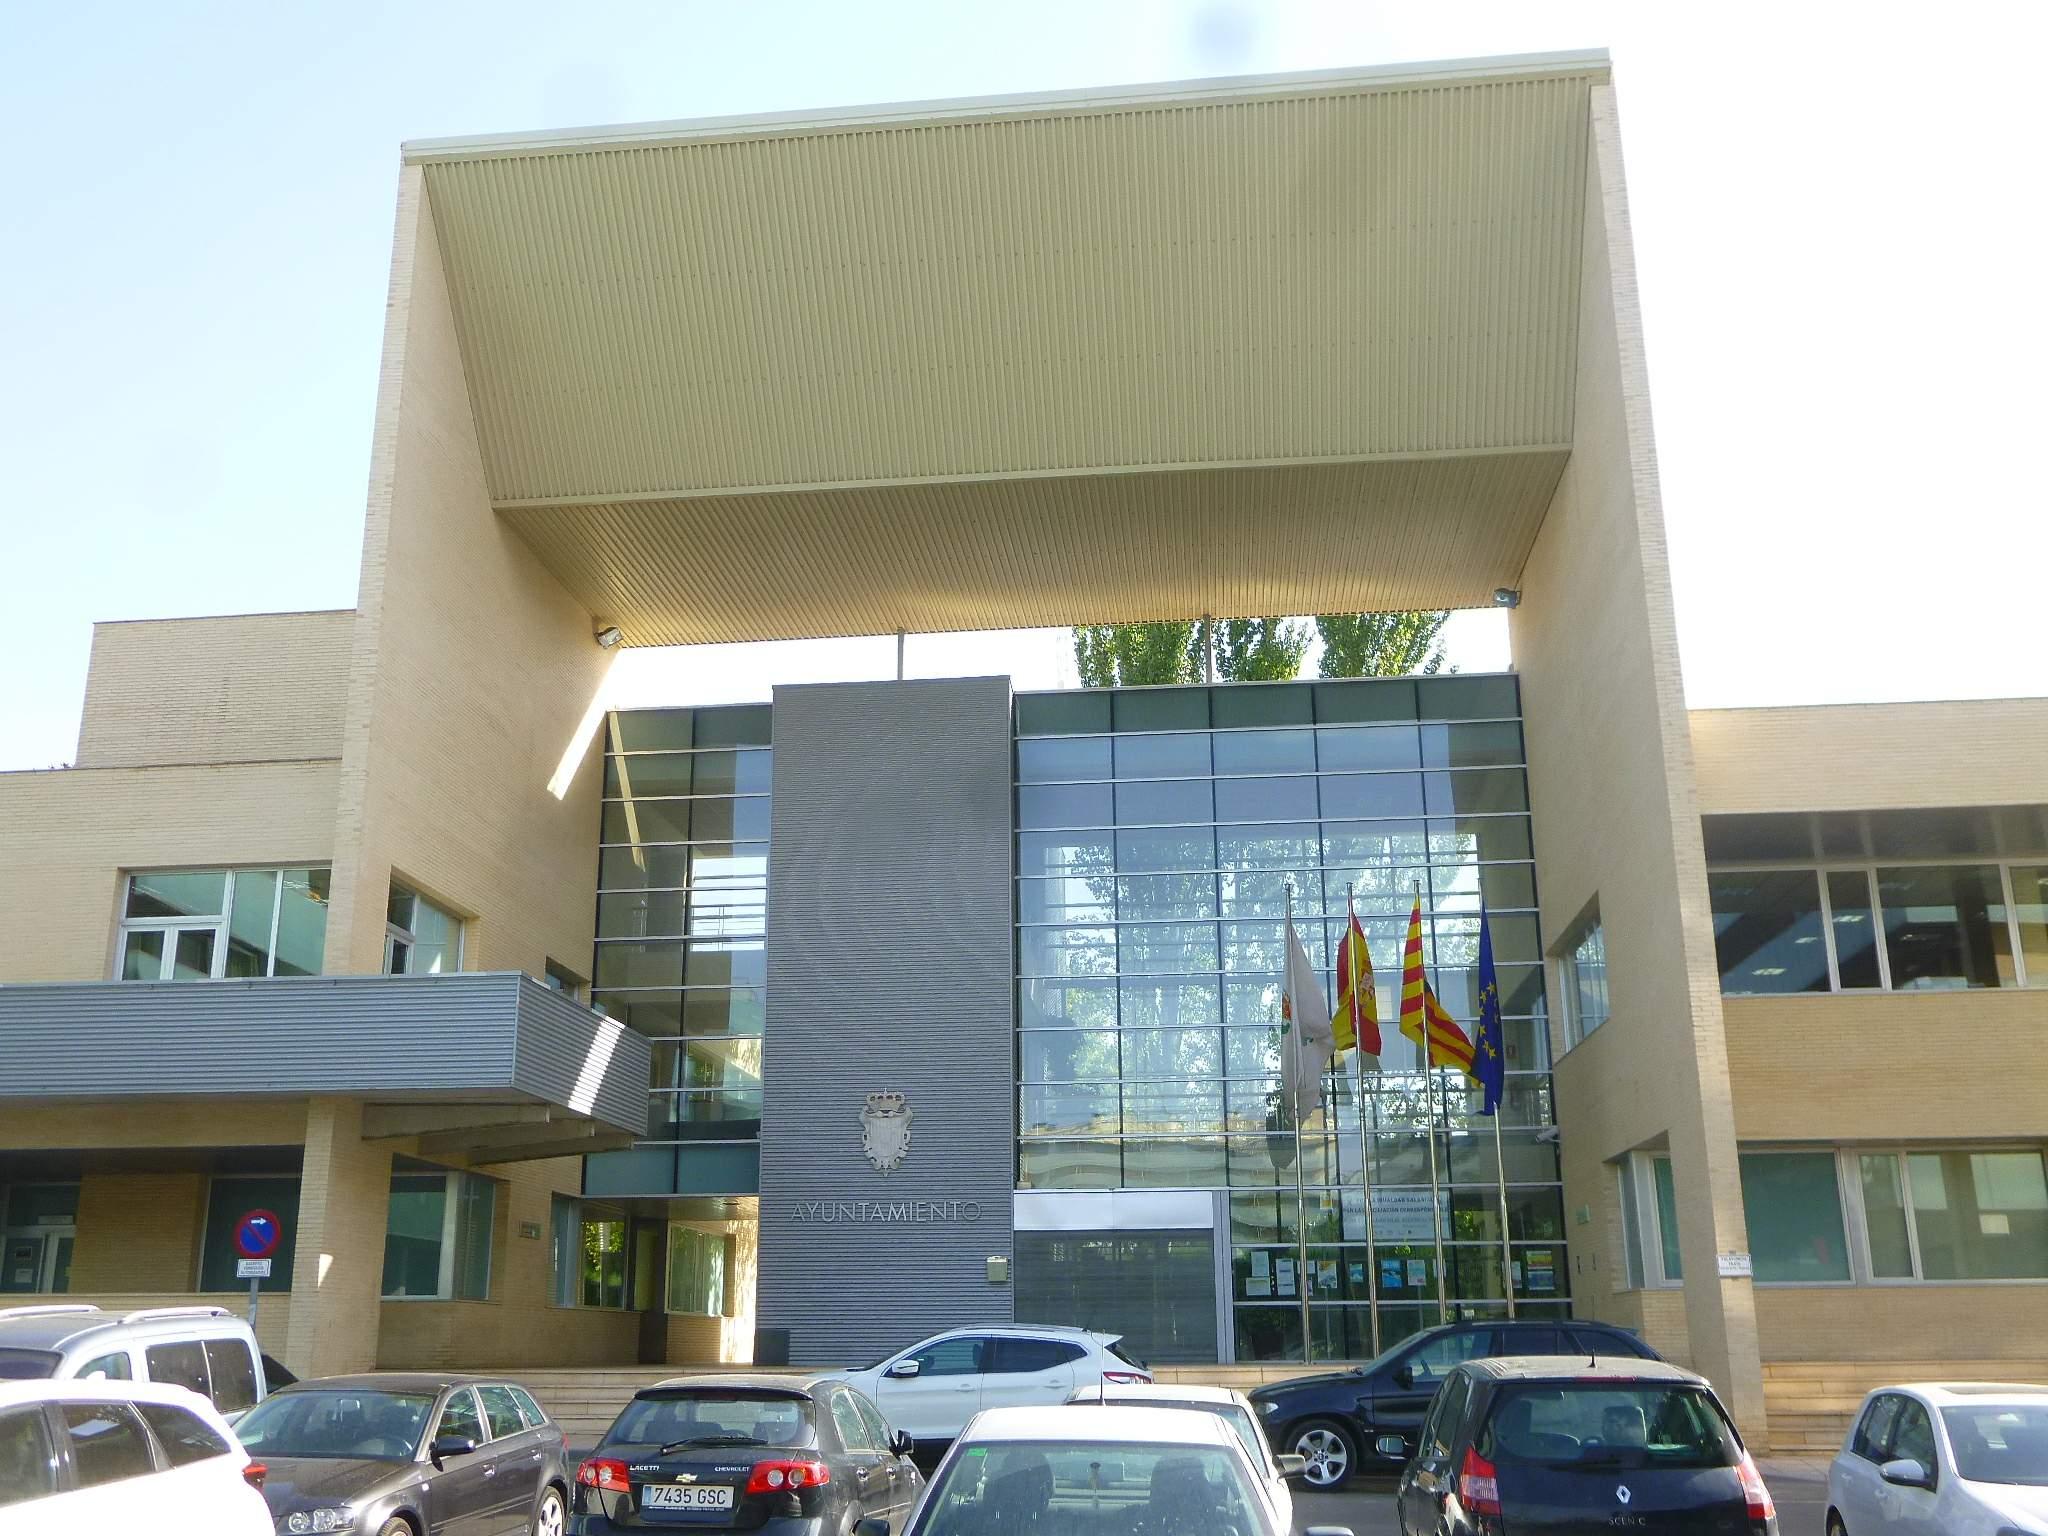 File:Cuarte de Huerva - Ayuntamiento 2.jpg - Wikimedia Commons